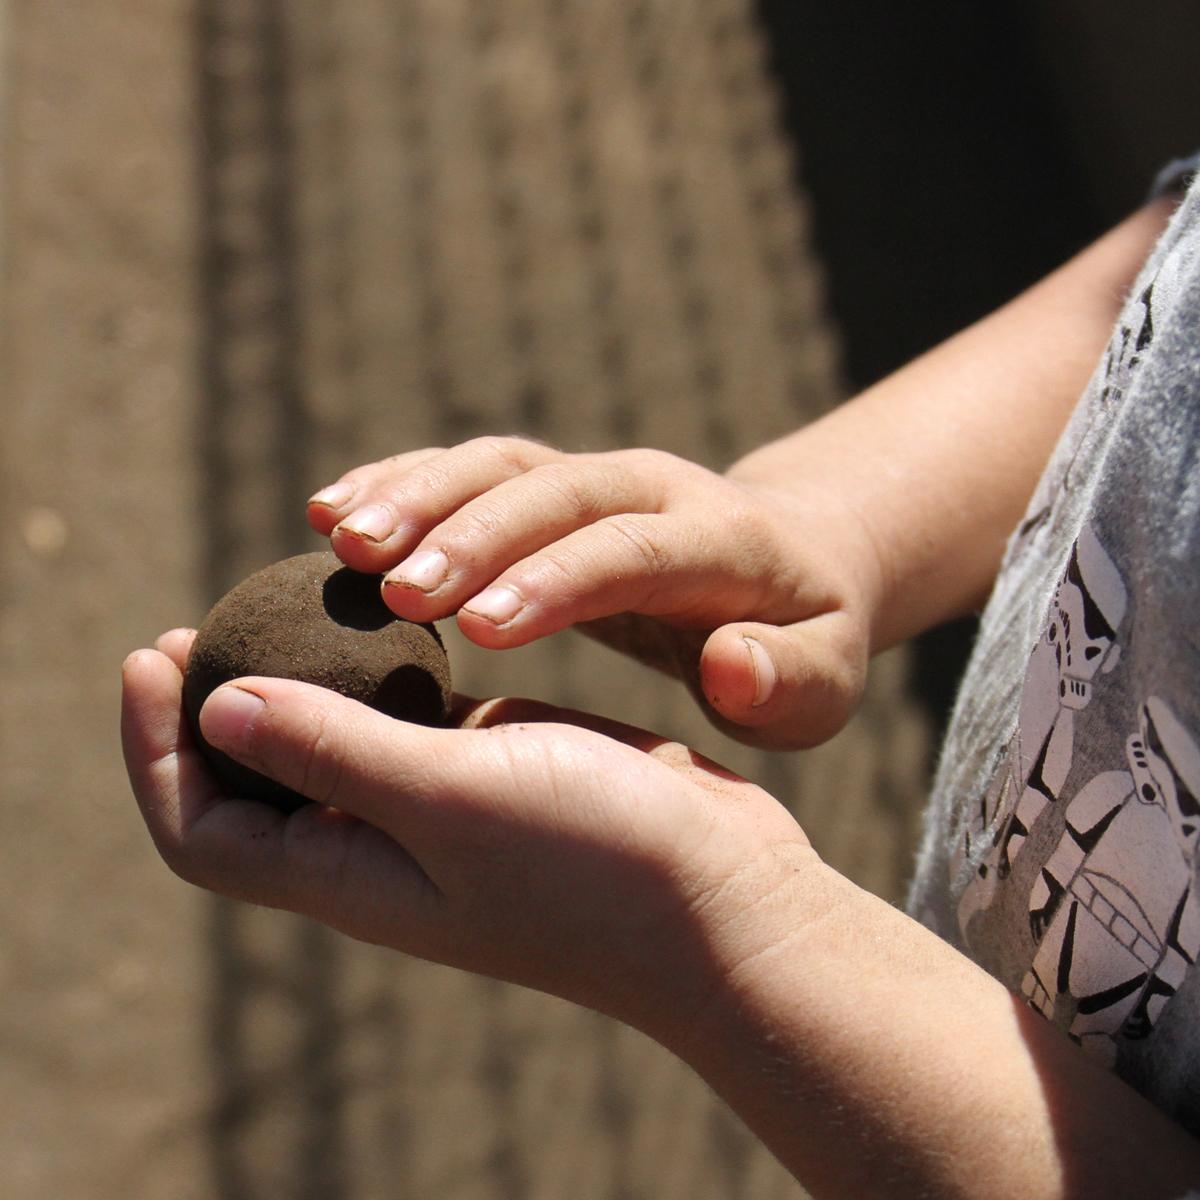 所沢市のあかね保育園の午後の遊びの泥団子の画像